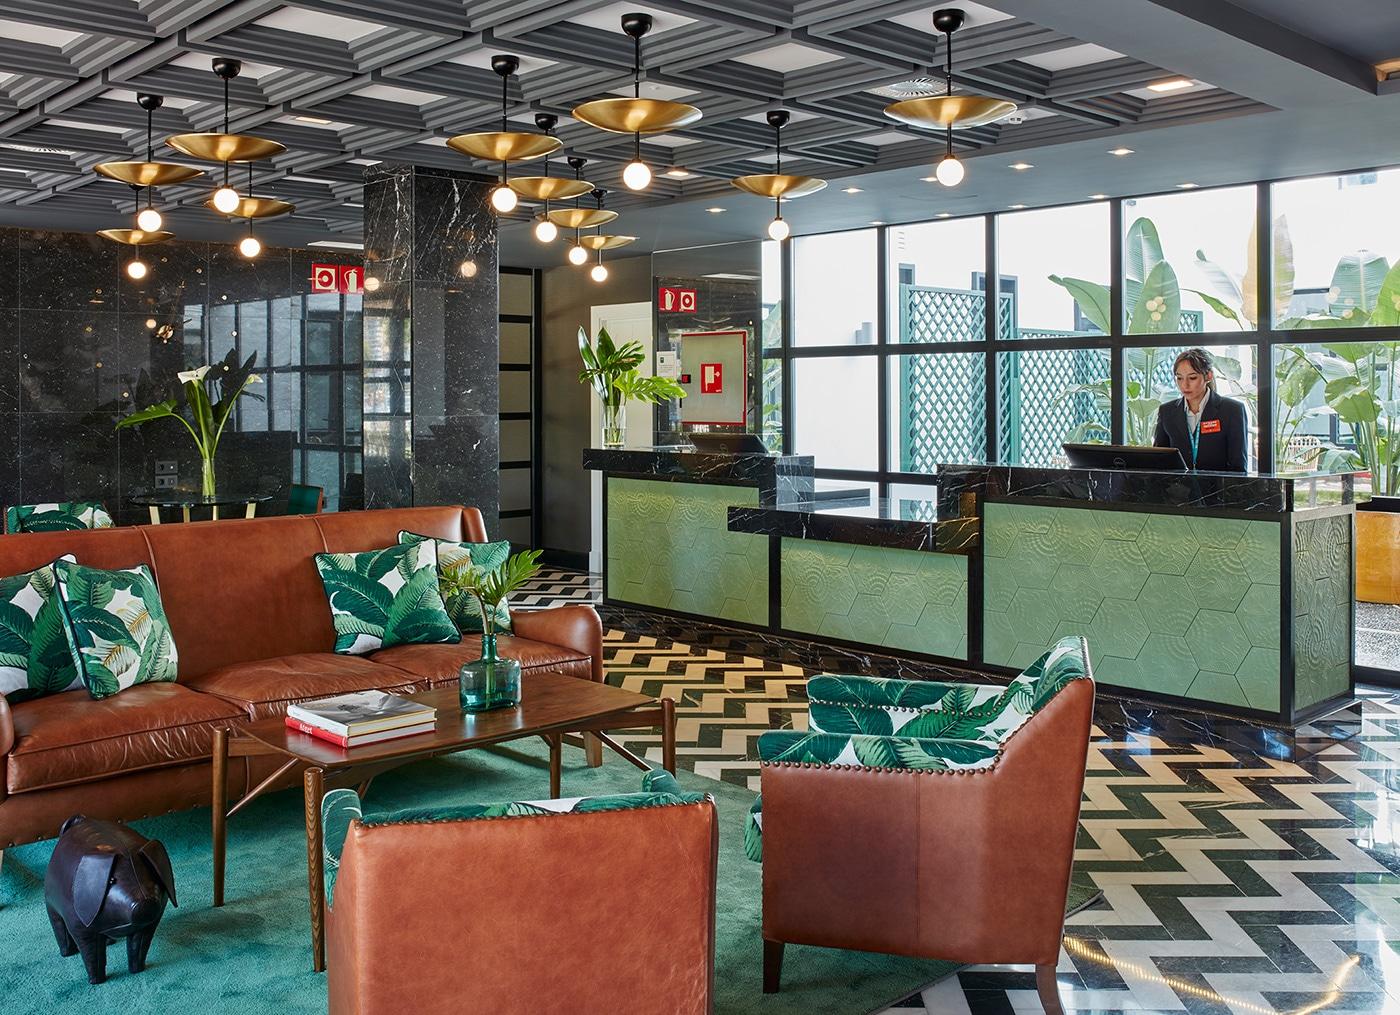 melian_randolph-lobby-hotel-valeria-roommate-7